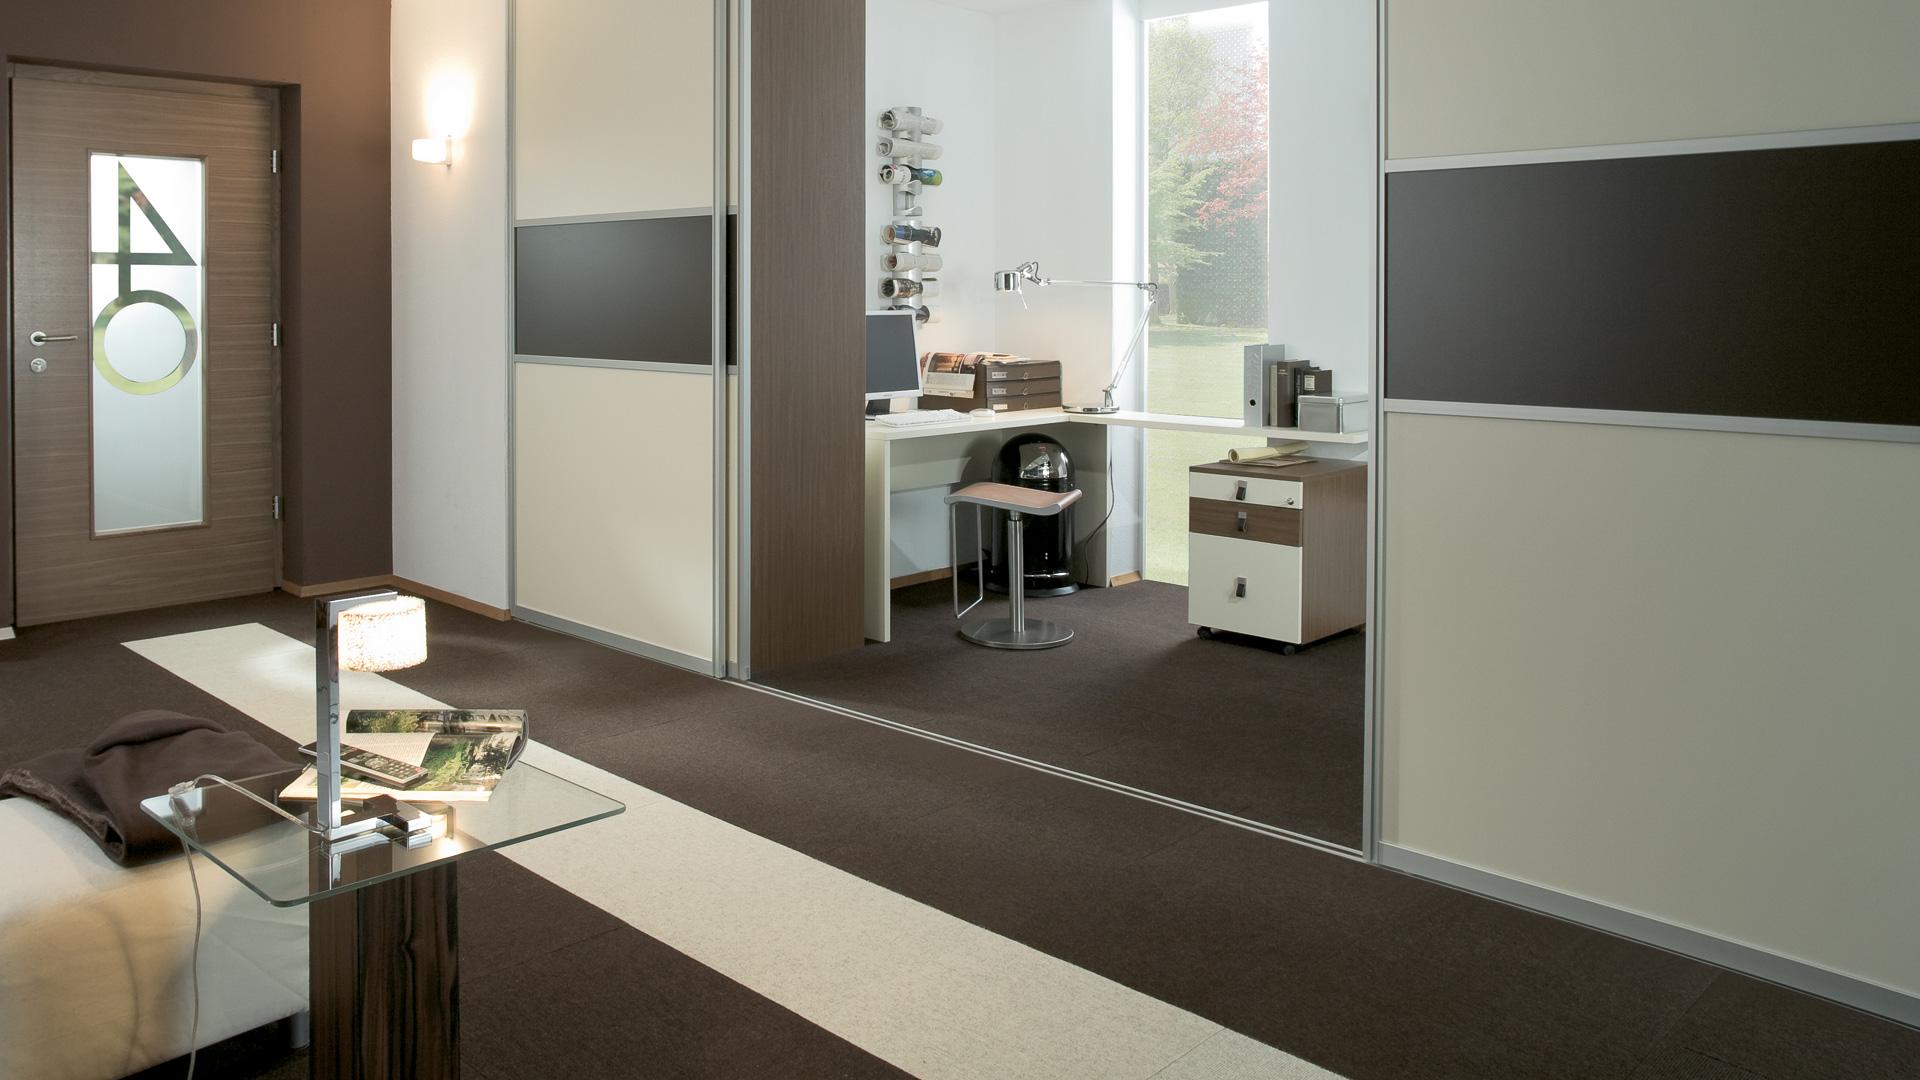 Tretford Teppich Made in Germany   Tretford Teppiche online kaufen